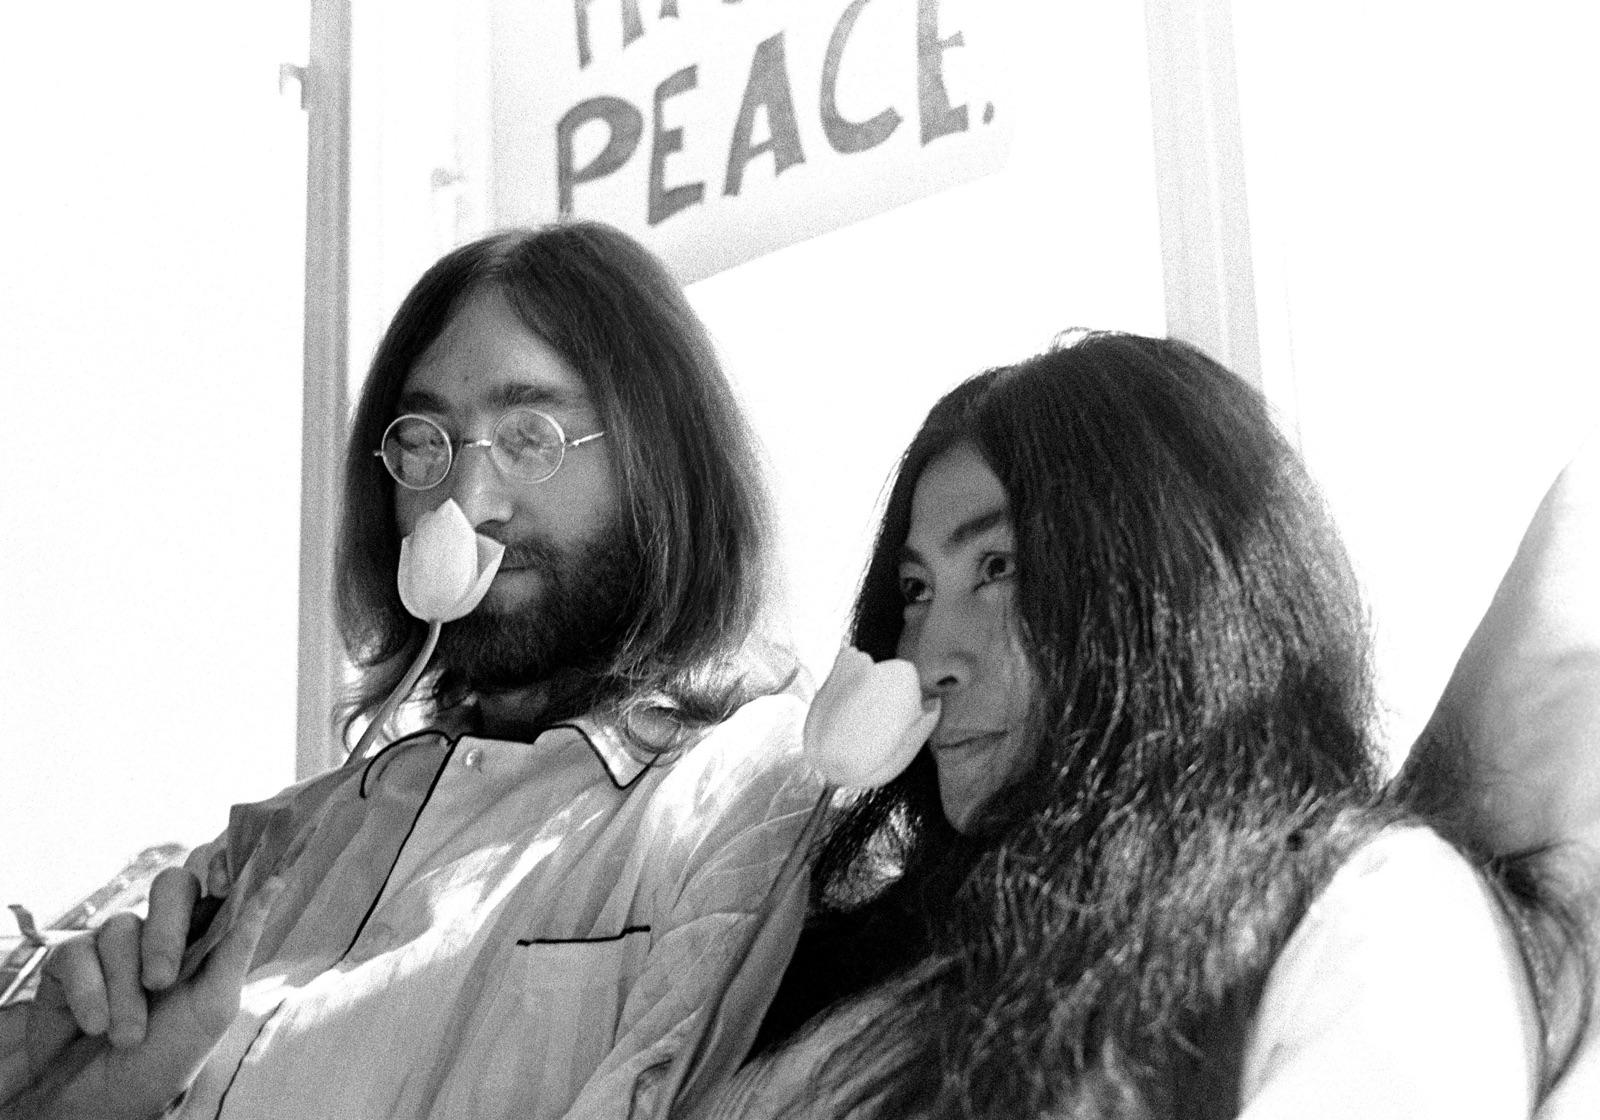 foto van John Lennon en zijn bruid Yoko Ono in bed in het Hilton Hotel ruikend aan een witte tulp